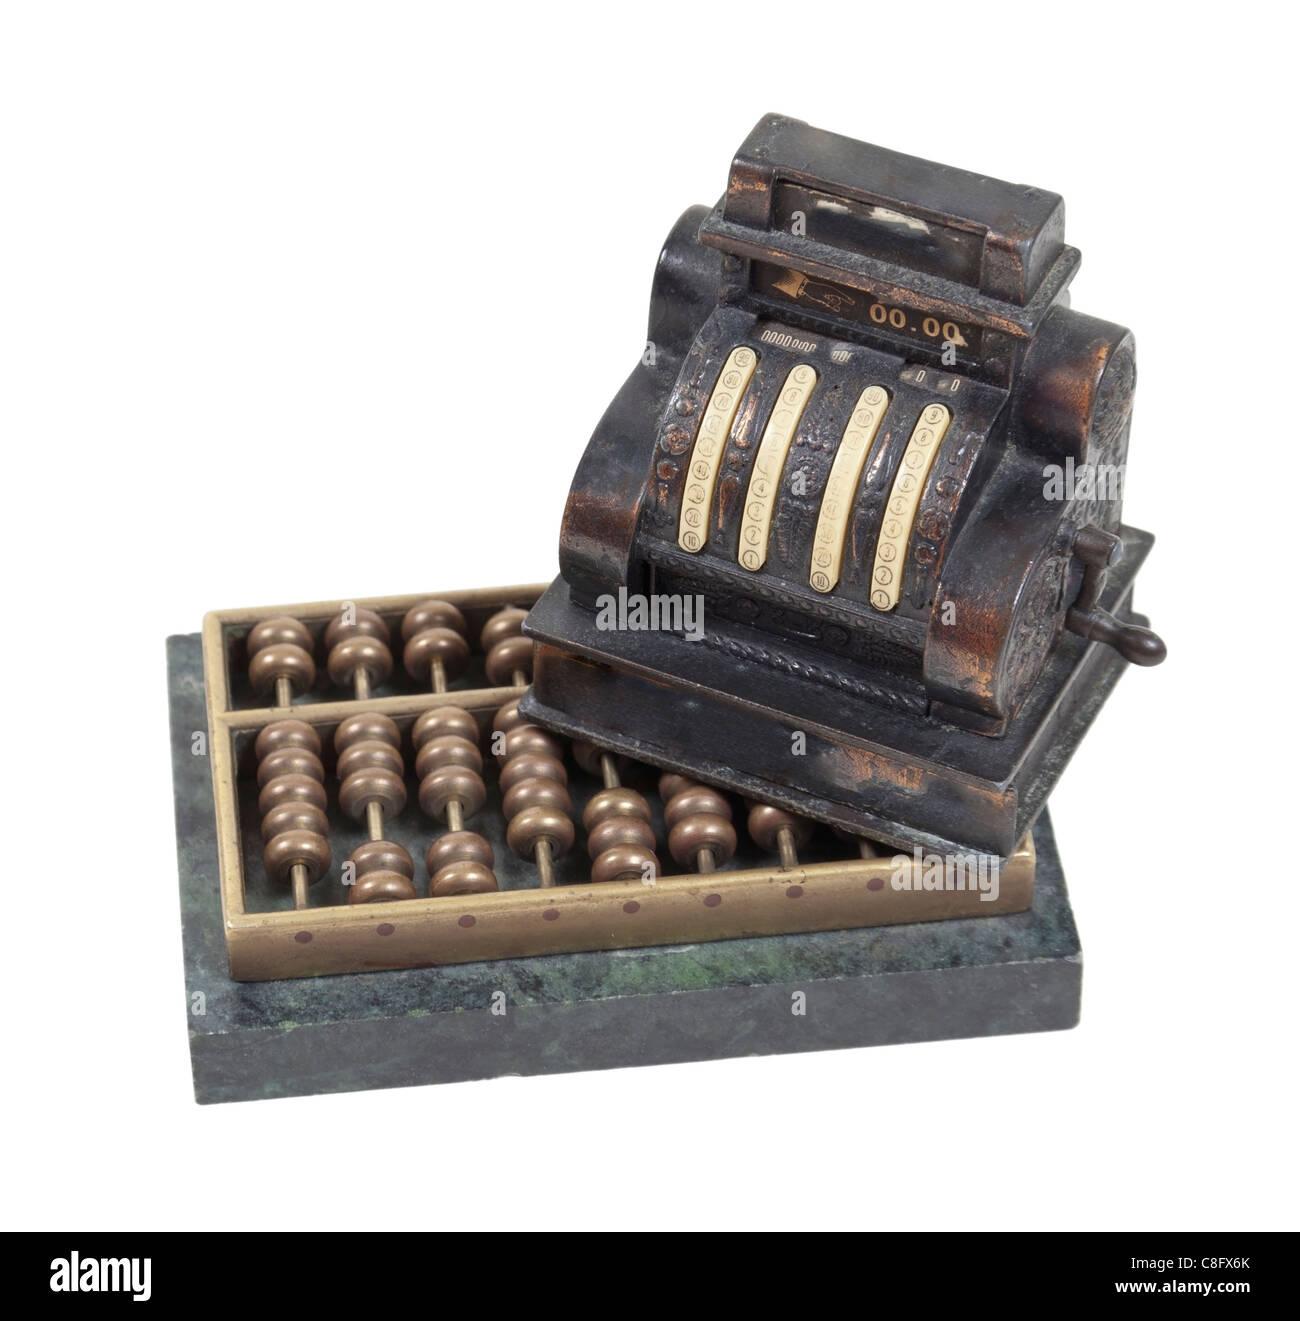 Tenant le revenu d'entreprise illustré par une antique caisse par un boulier - chemin inclus Photo Stock